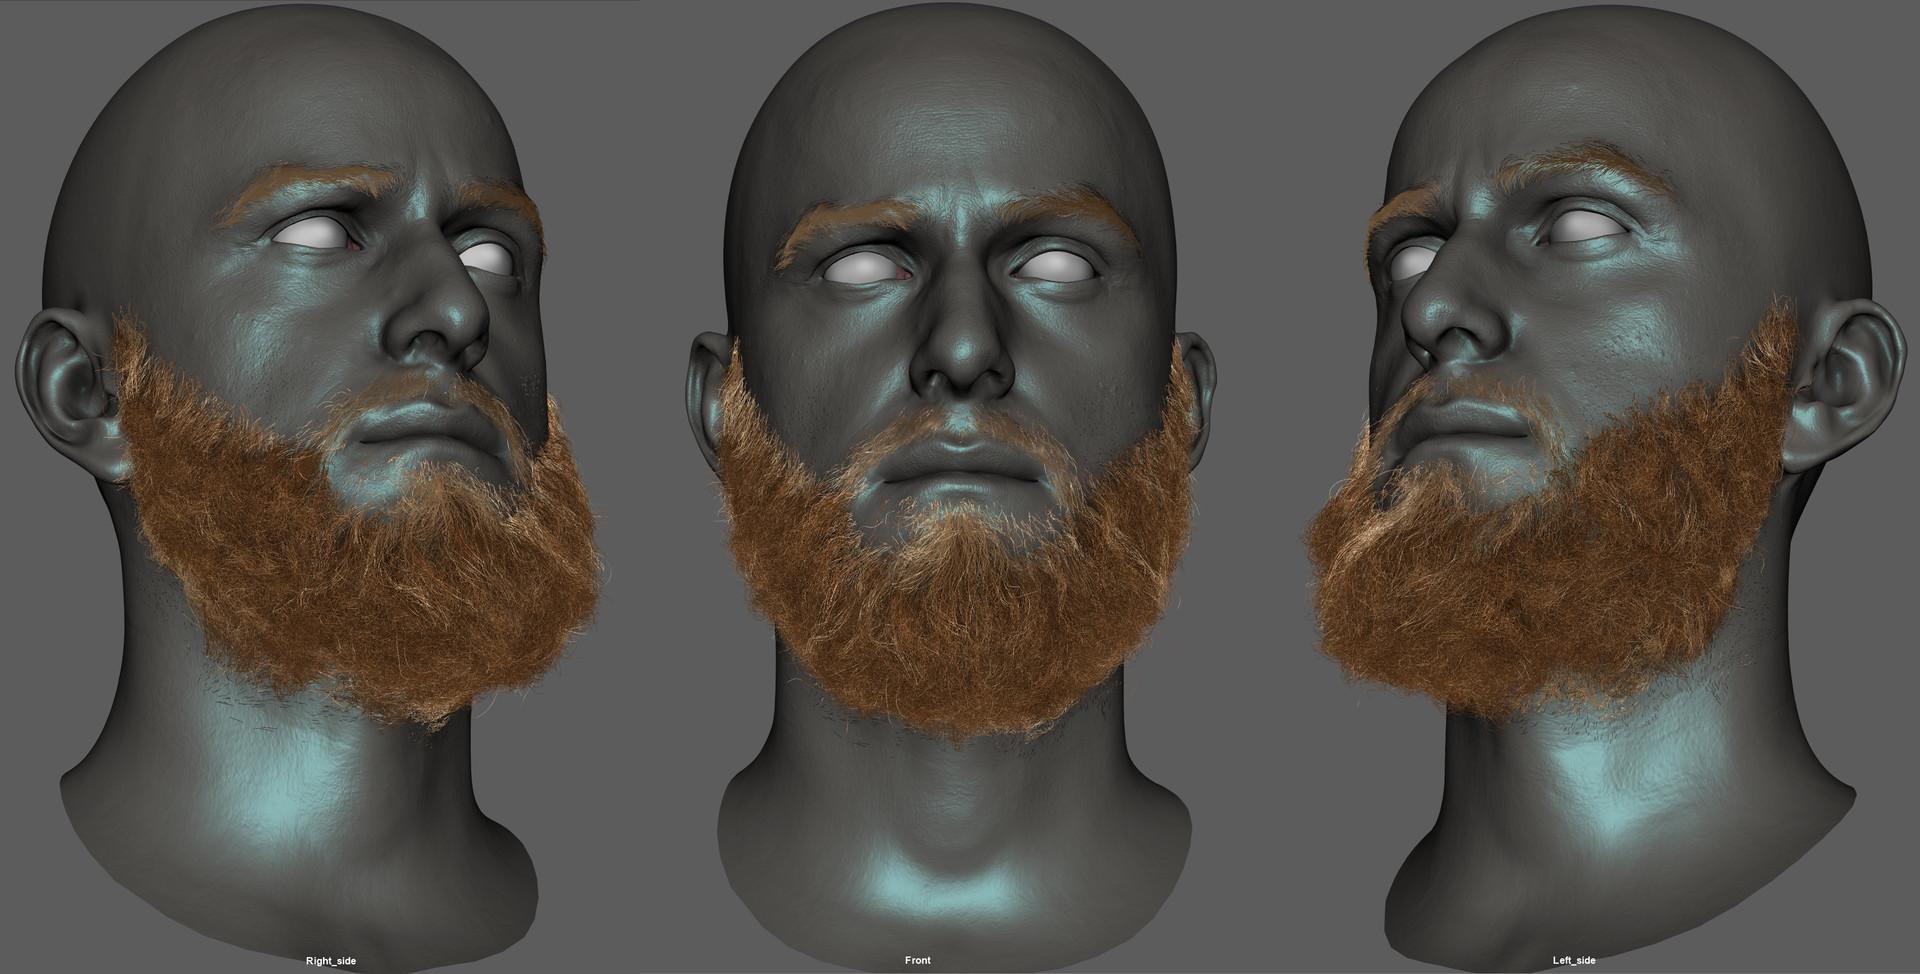 Florian croquet beard hd